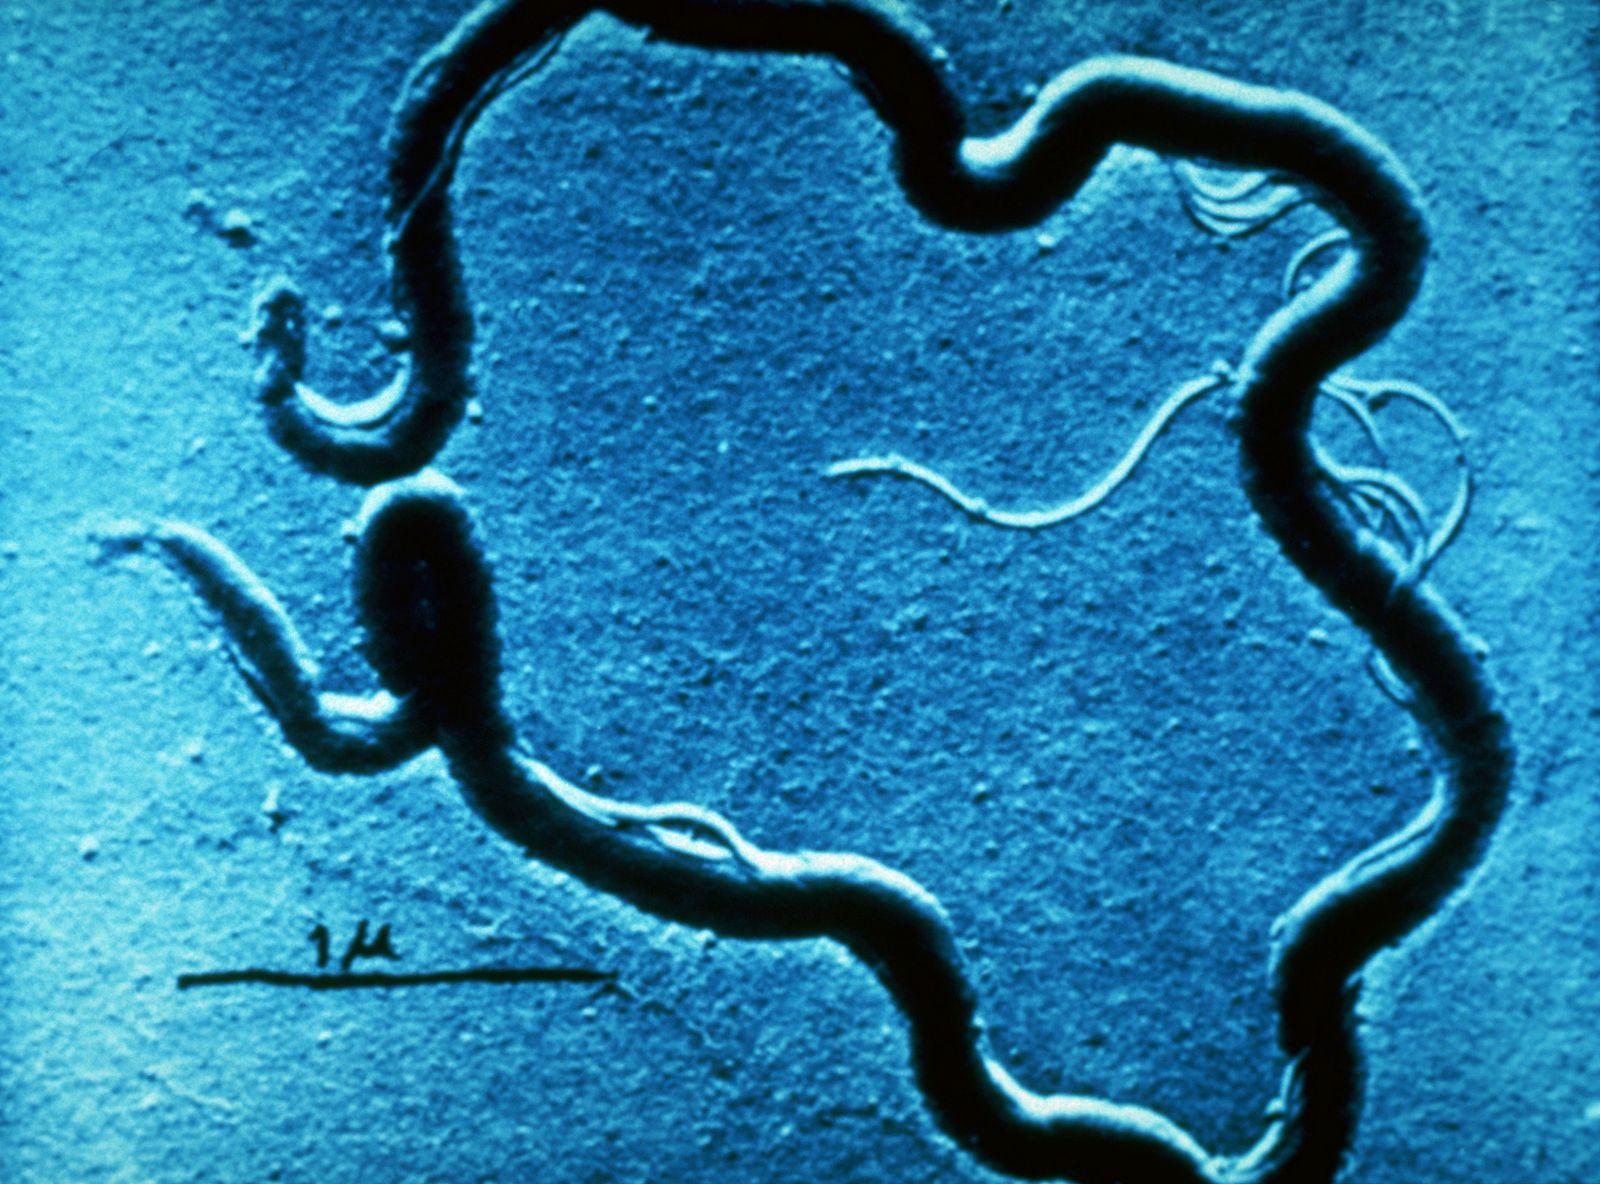 NICHT MEHR VERWENDEN! - Treponema Pallidum / Syphilis